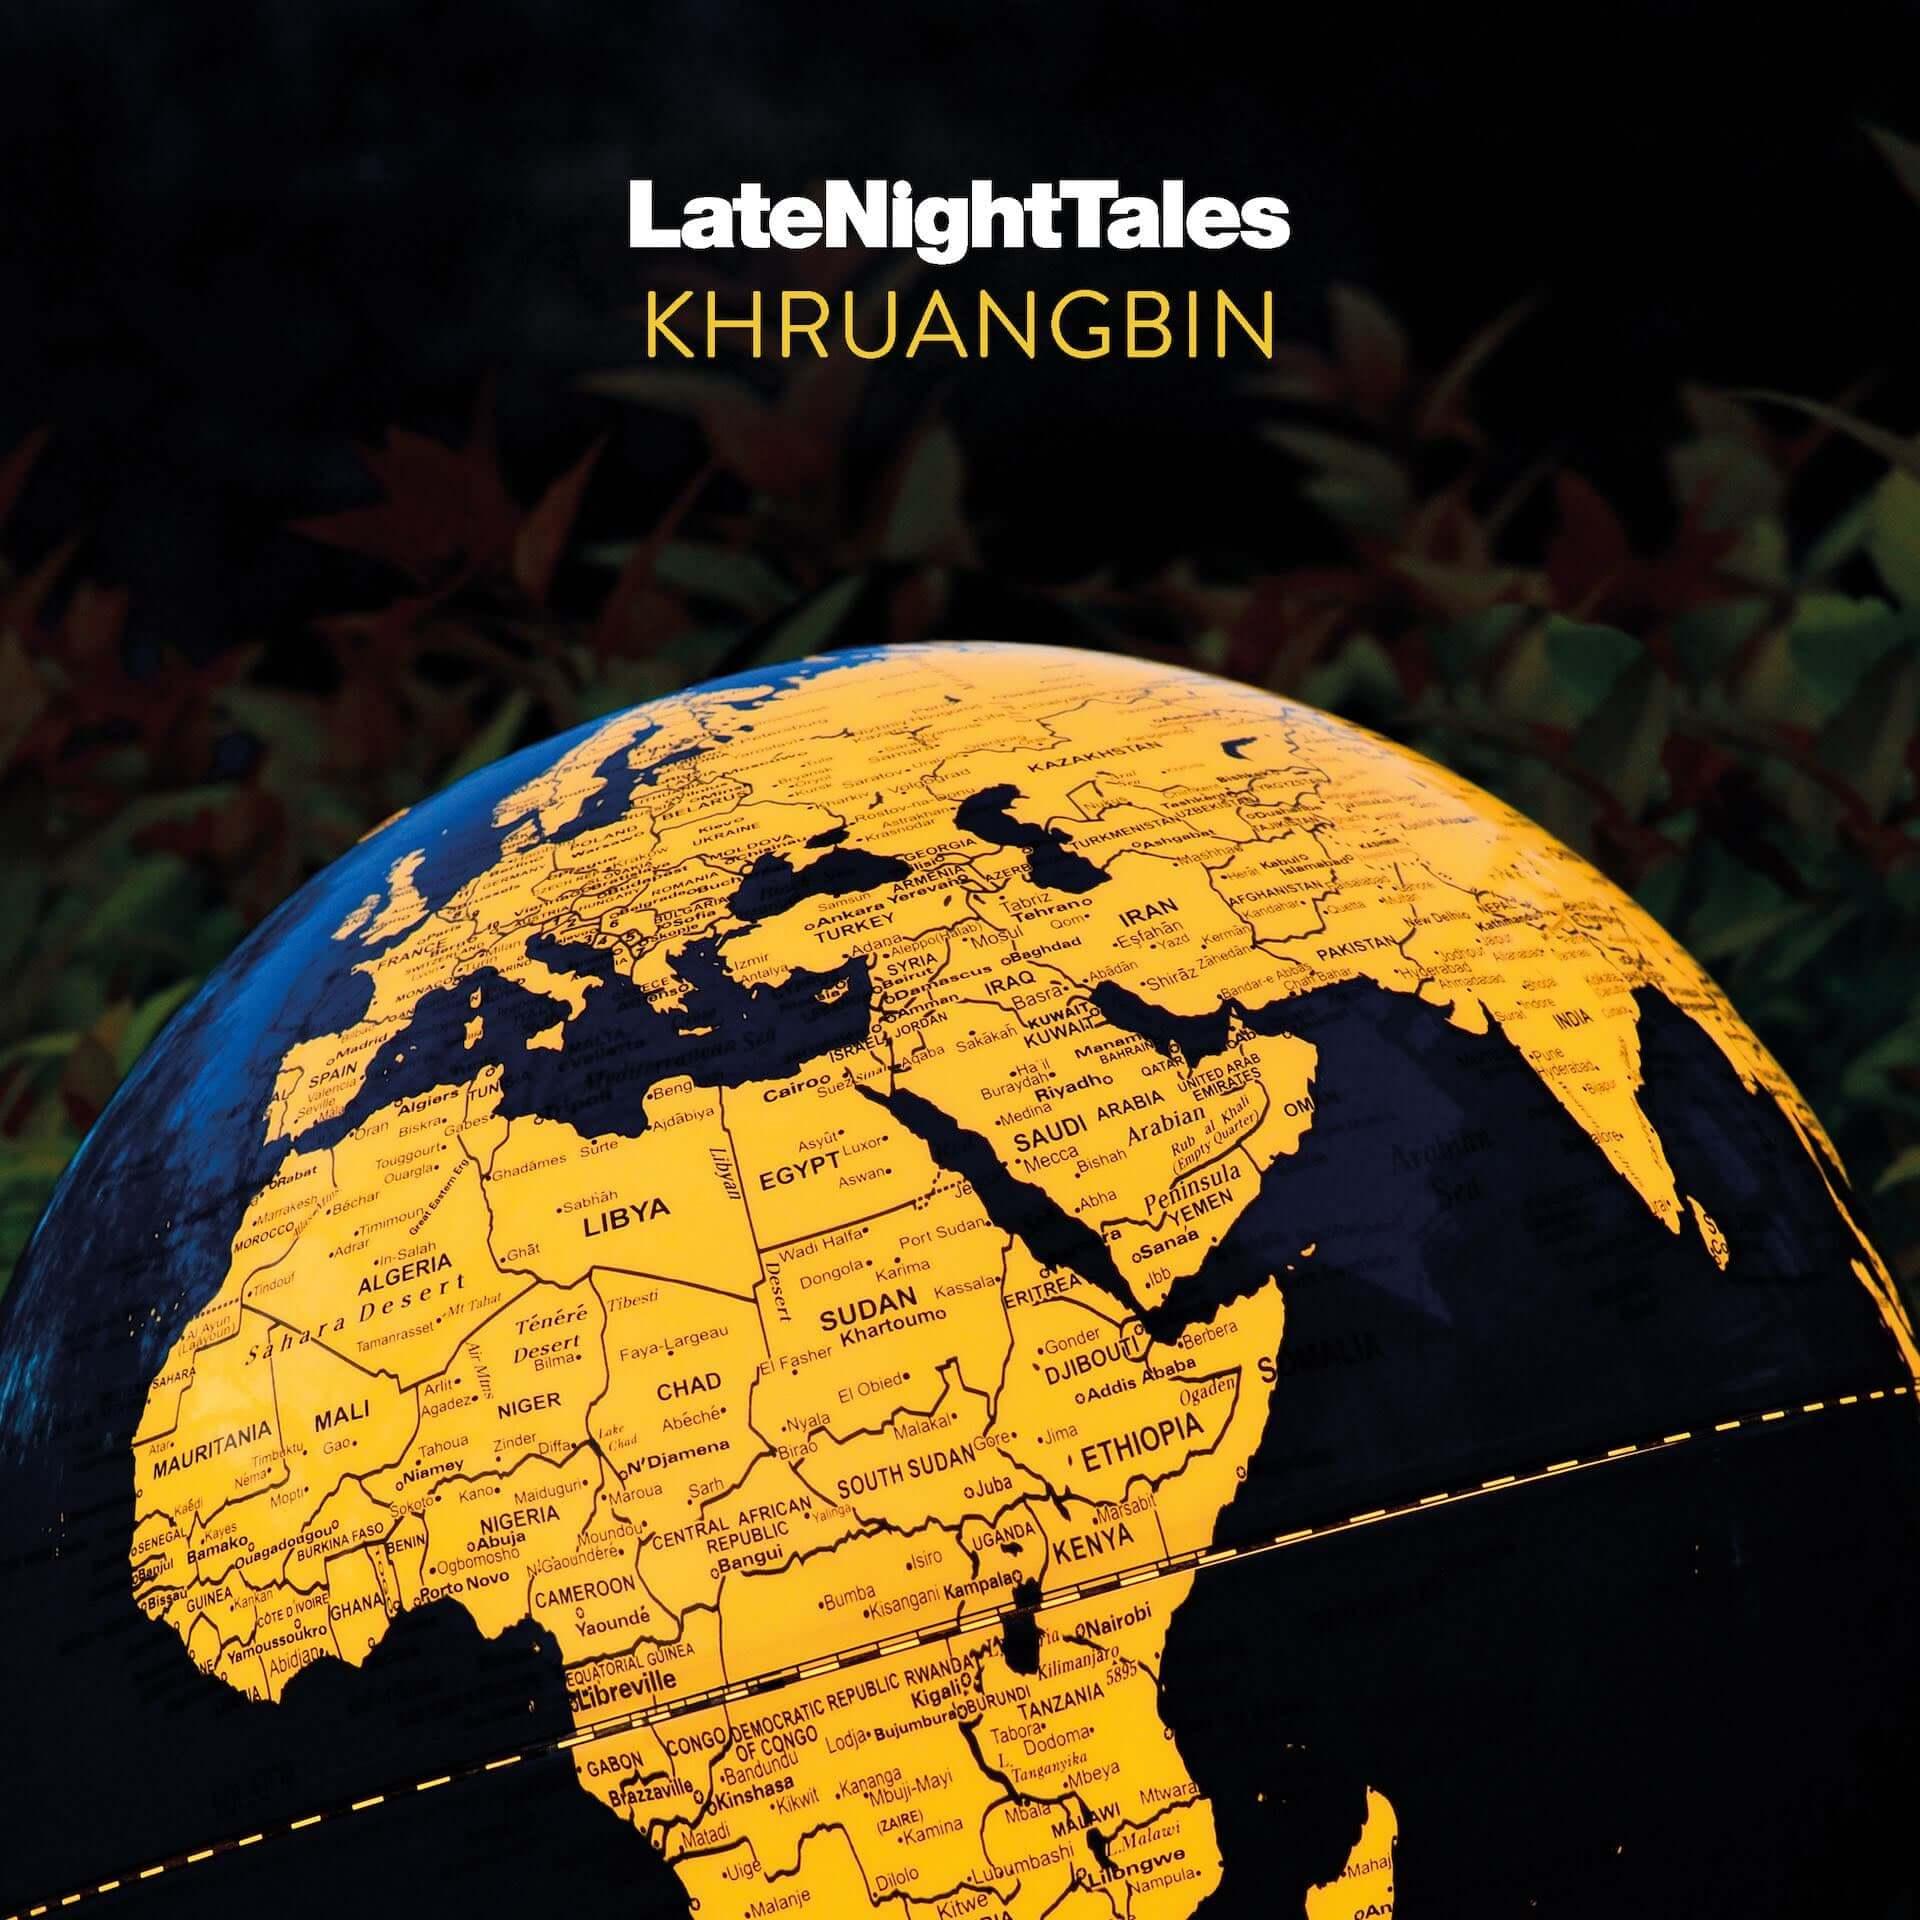 Khruangbinによる夜聴きコンピの決定盤「Late Night Tales」がリリース決定!萩原健一主演ドラマ『祭ばやしが聞こえる』の主題歌も収録 music201029_khruangbin_1-1920x1920